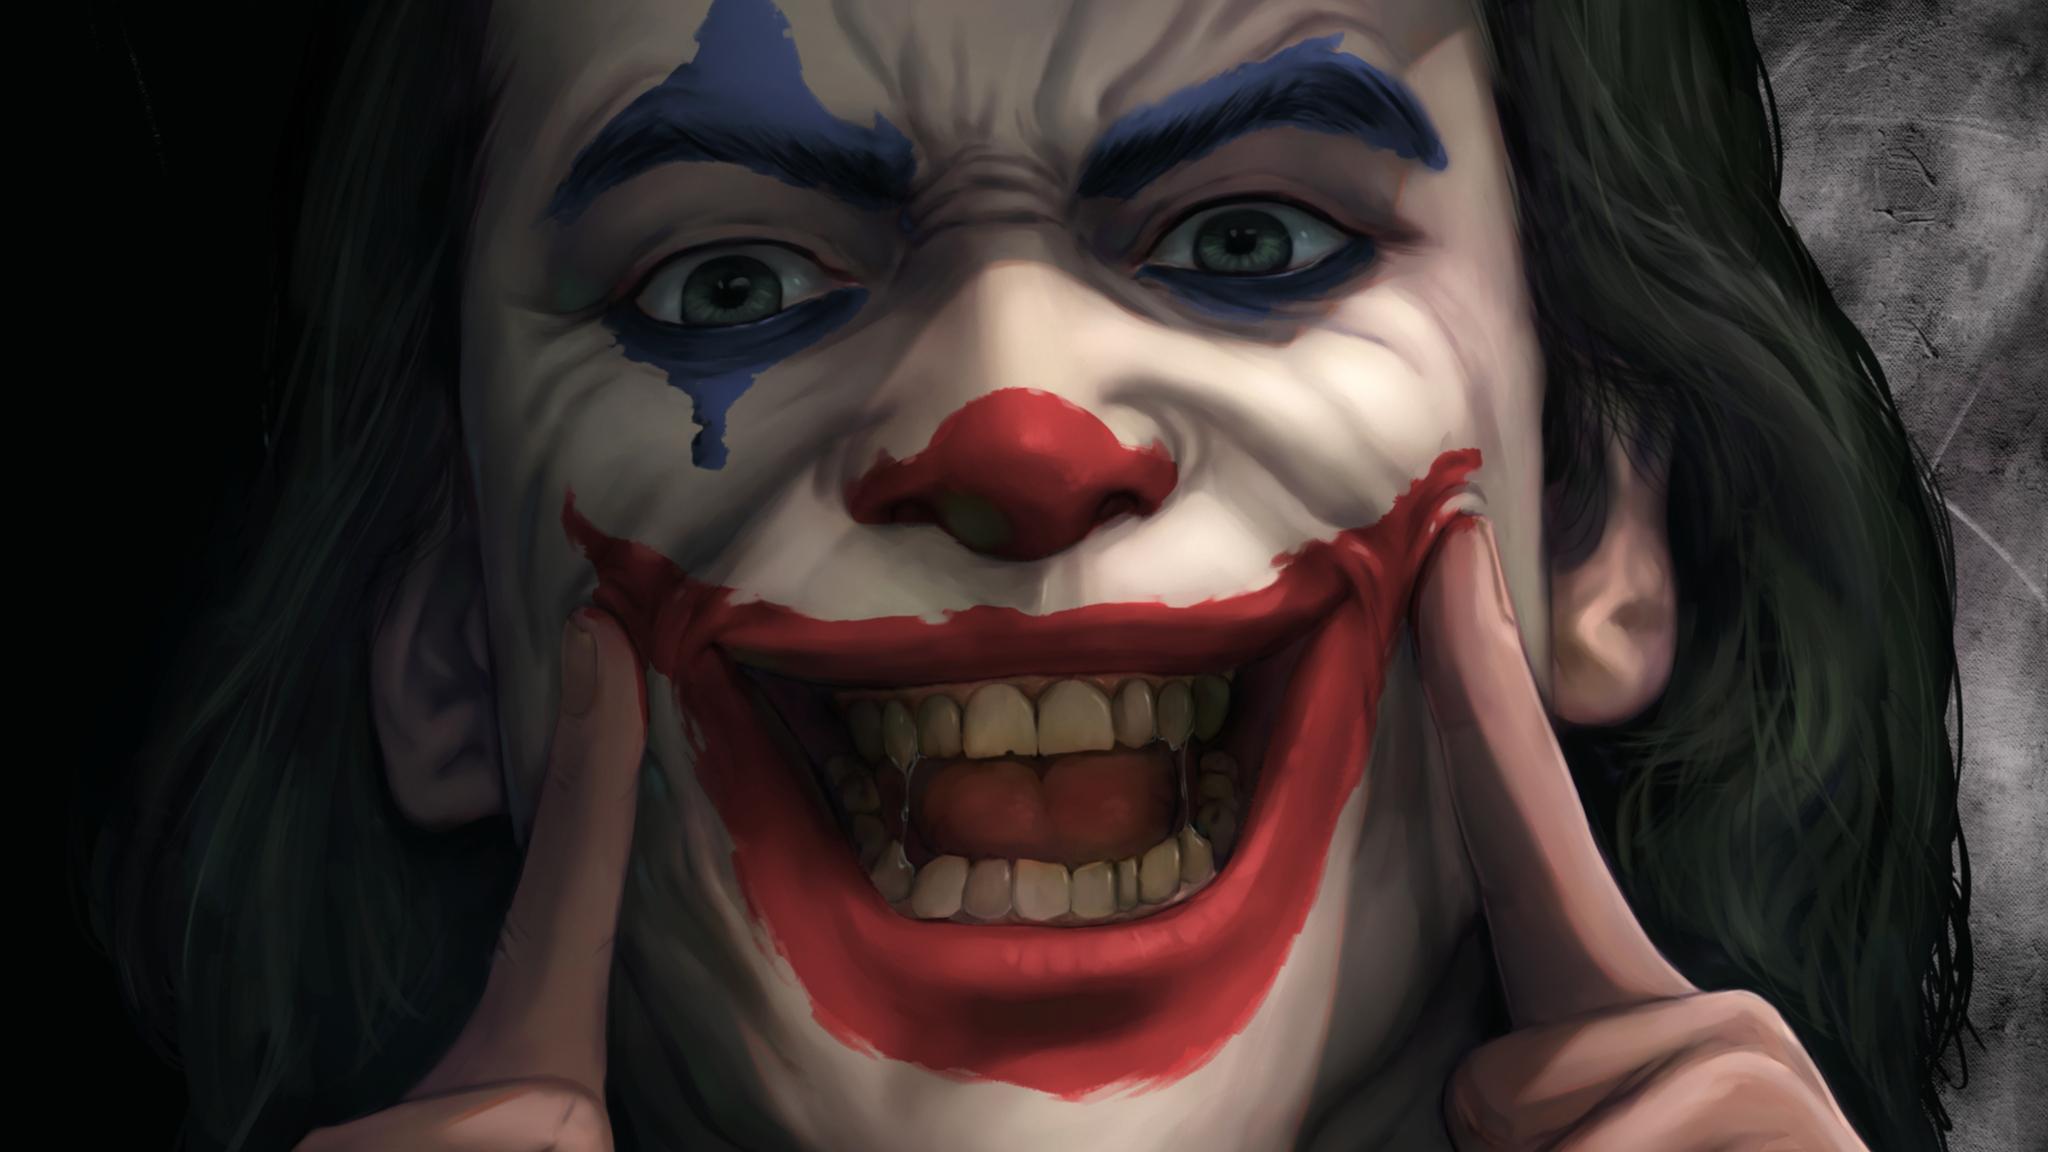 joker-smile-laugh-py.jpg